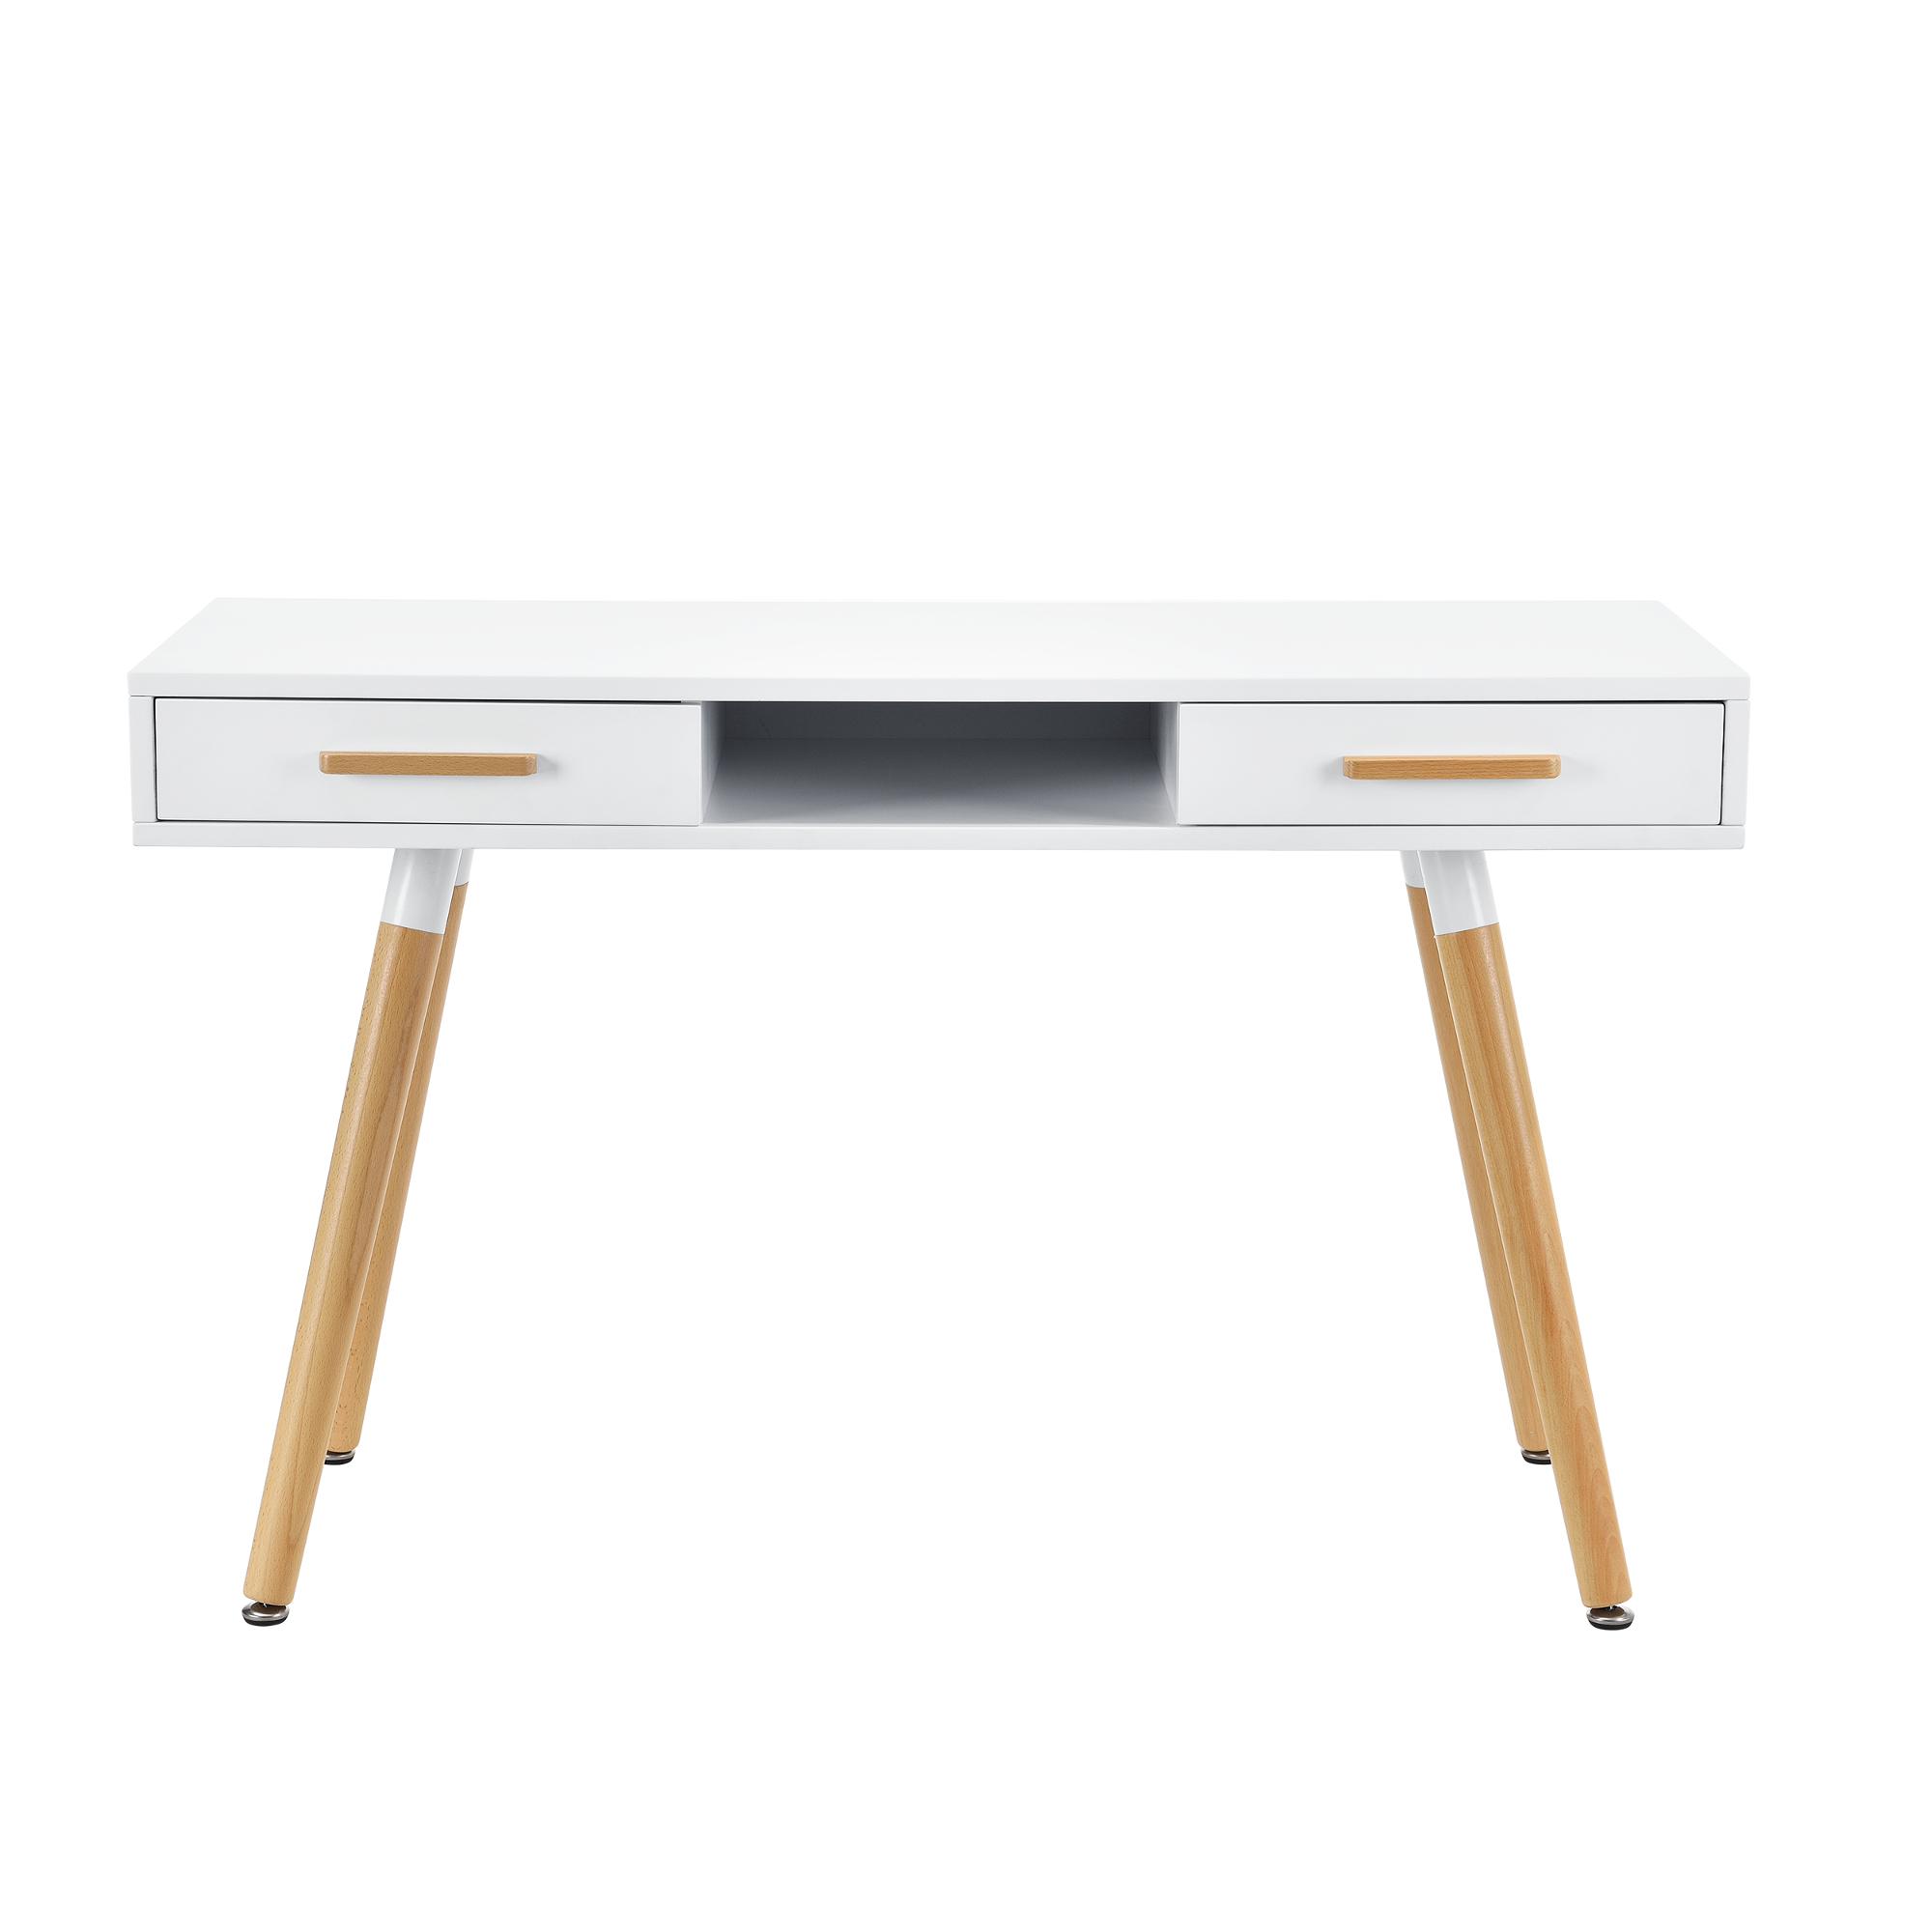 [ensa] Retro Schreibtisch Stuhl Weiß Putertisch